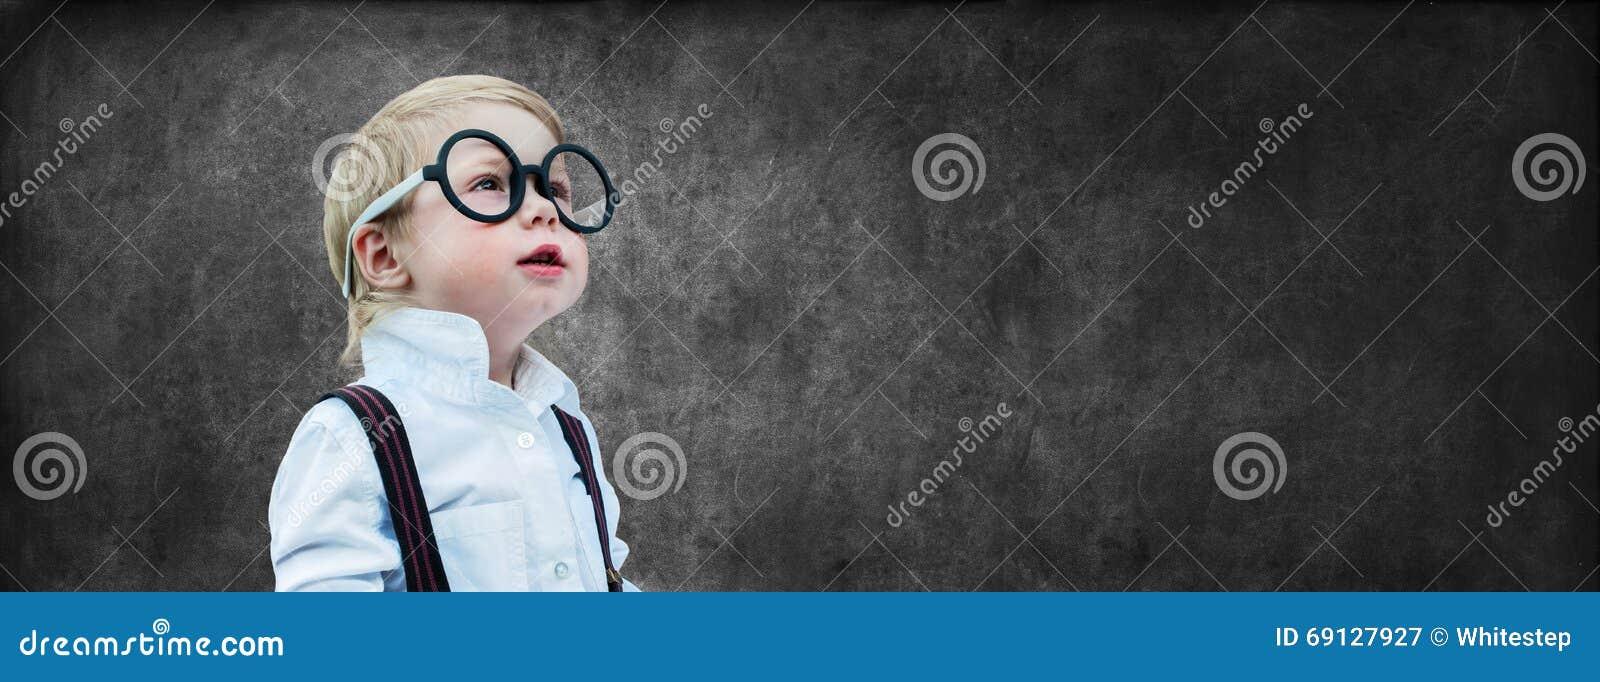 天才儿童粉笔板概念后面学校图片